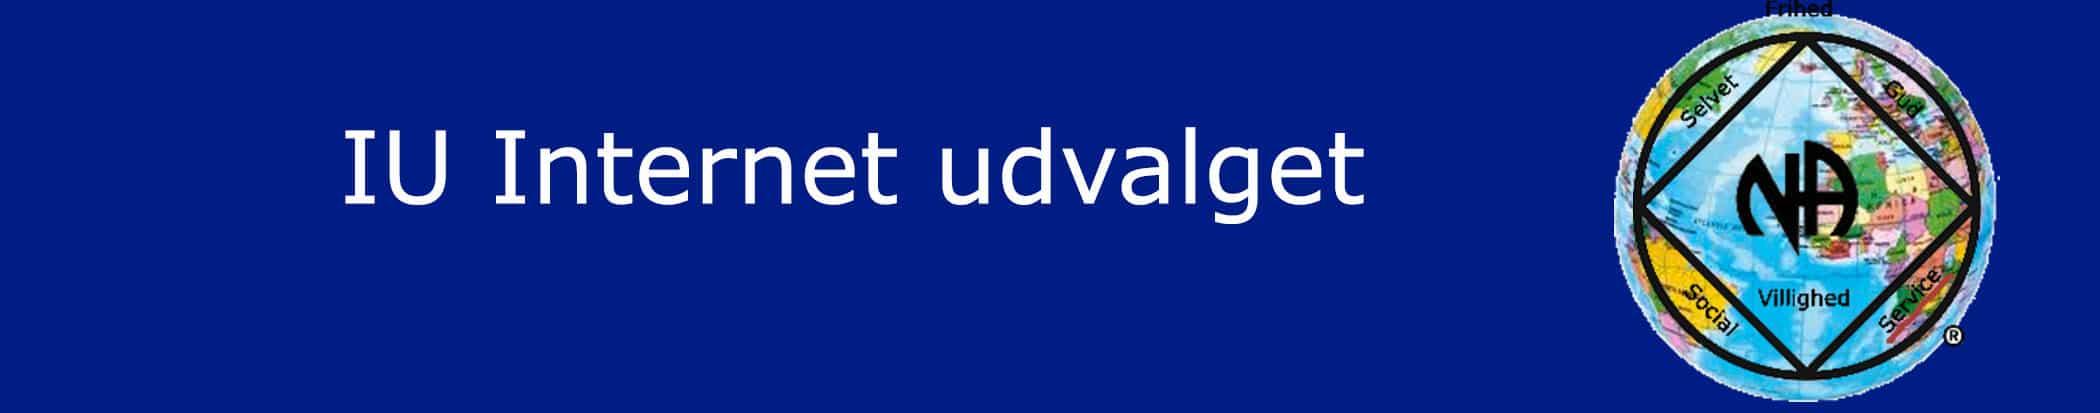 Internet udvalget IU banner